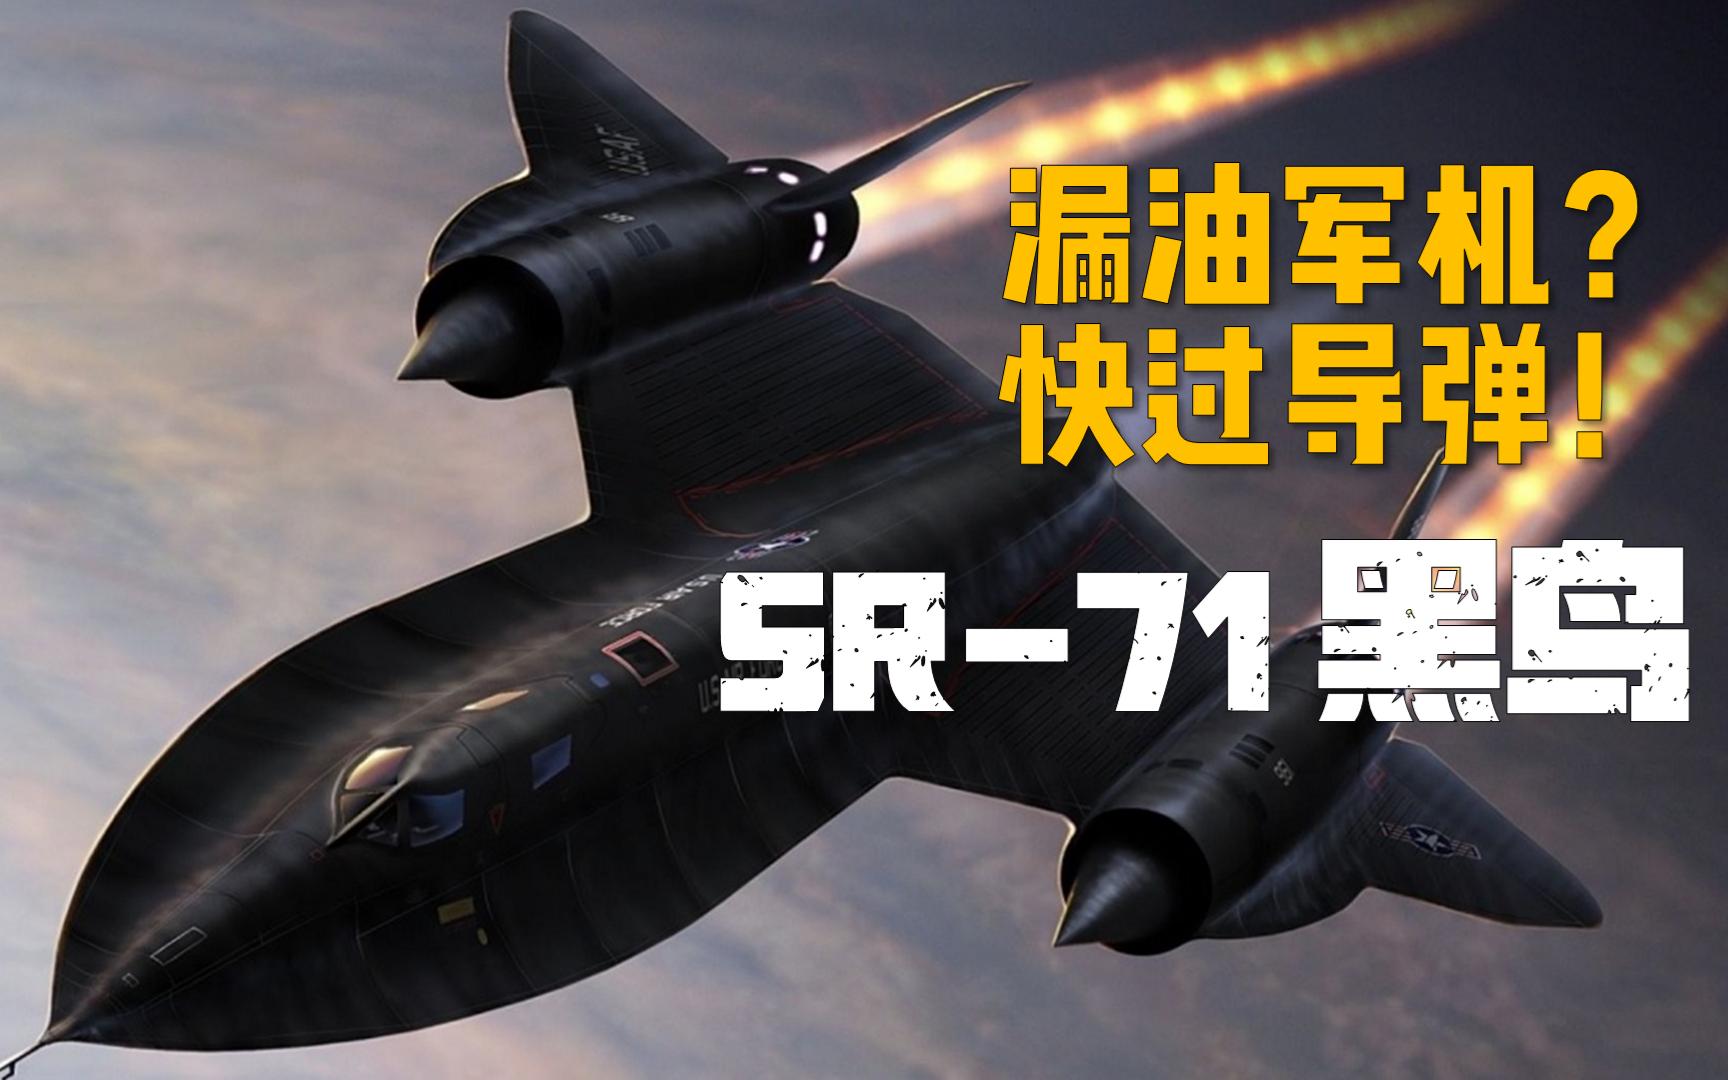 史上最快,导弹难追——边飞边漏油的SR-71黑鸟侦察机